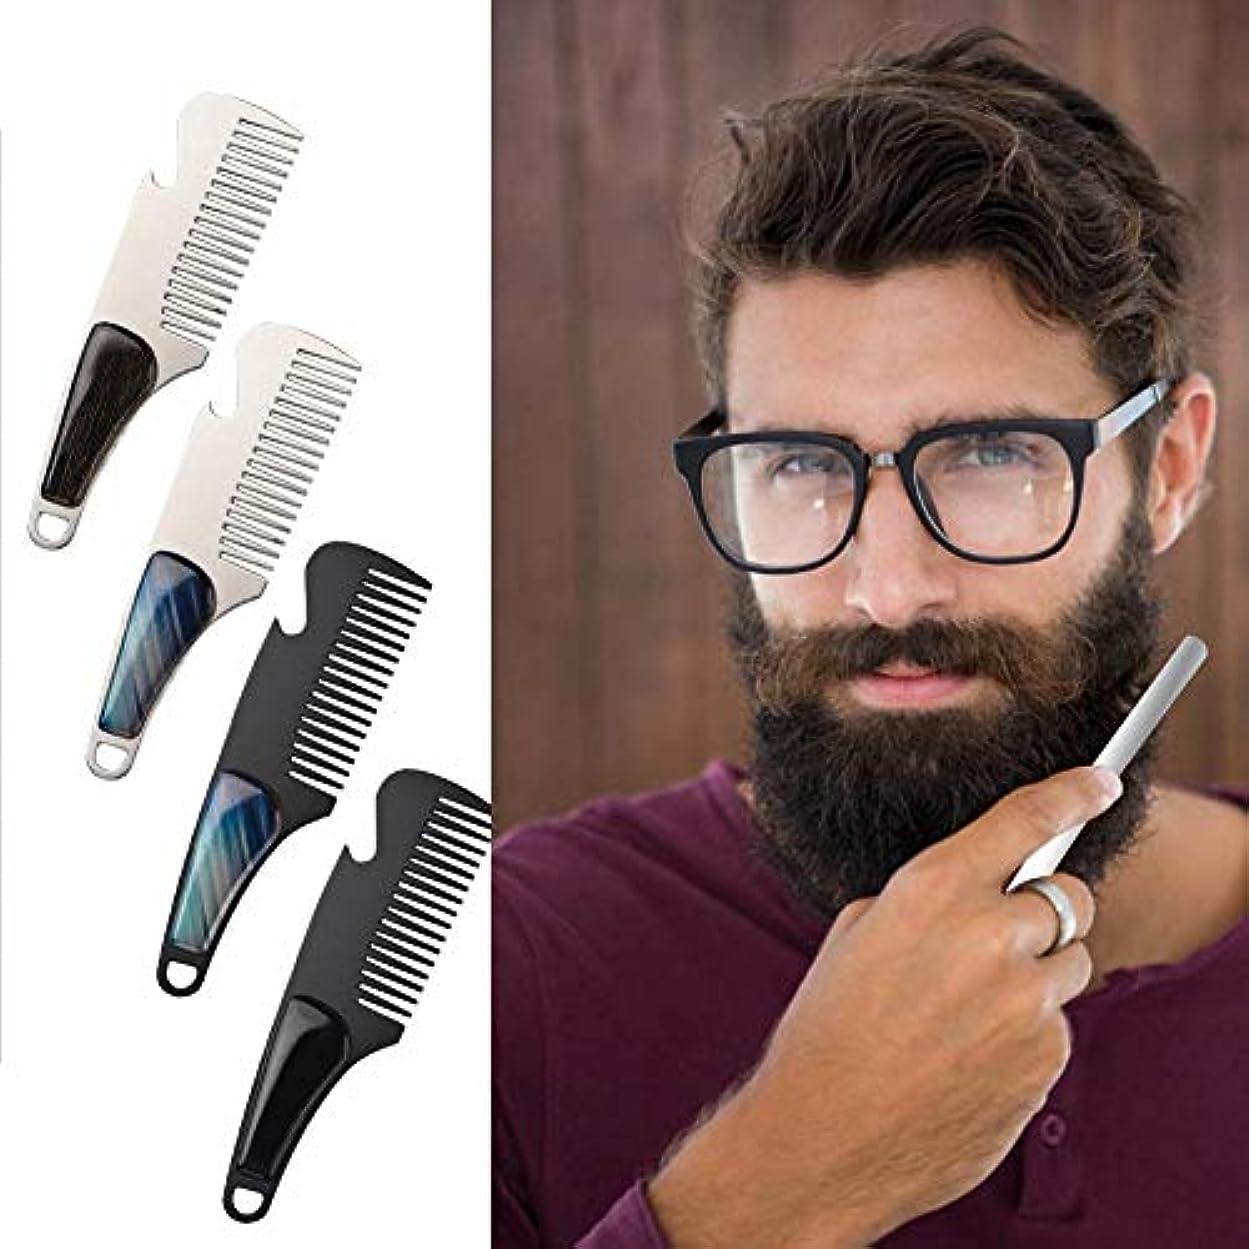 スクワイアええ効率的メンズミニ髭櫛、多機能髭櫛、ステンレススチール製携帯用櫛櫛、多機能髭櫛、4色帯電防止櫛4色(4#)